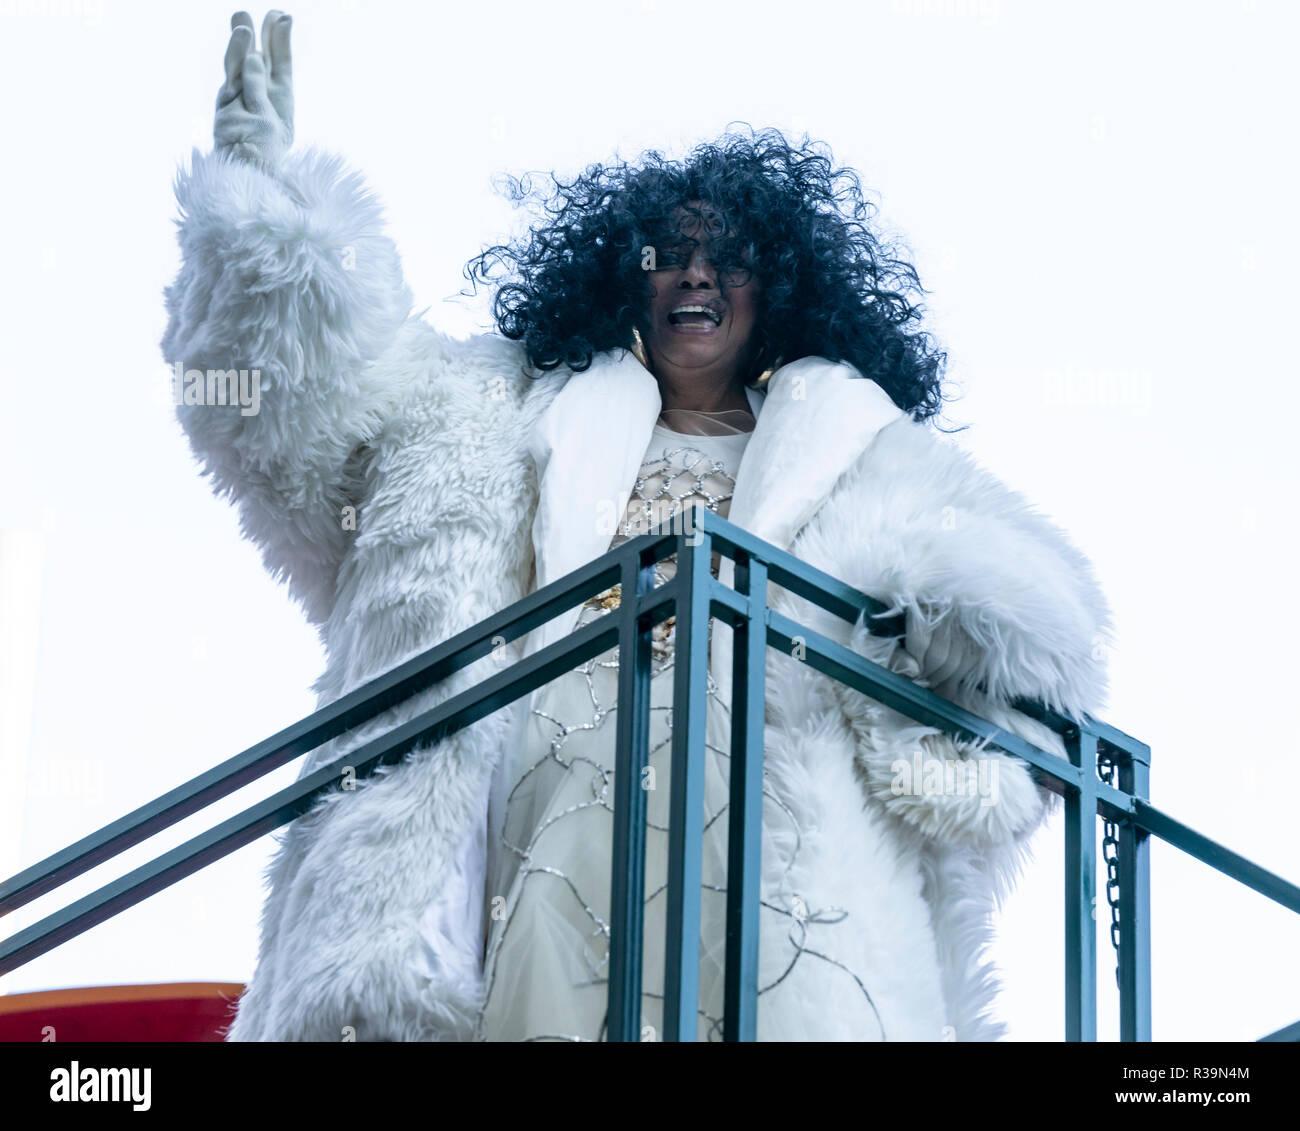 New York, NY - 22 de noviembre de 2018: Diana Ross paseos flotador en la 92ª Anual de Macy's Thanksgiving Day Parade en las calles de Manhattan en el gélido Crédito: lev radin/Alamy Live News Imagen De Stock